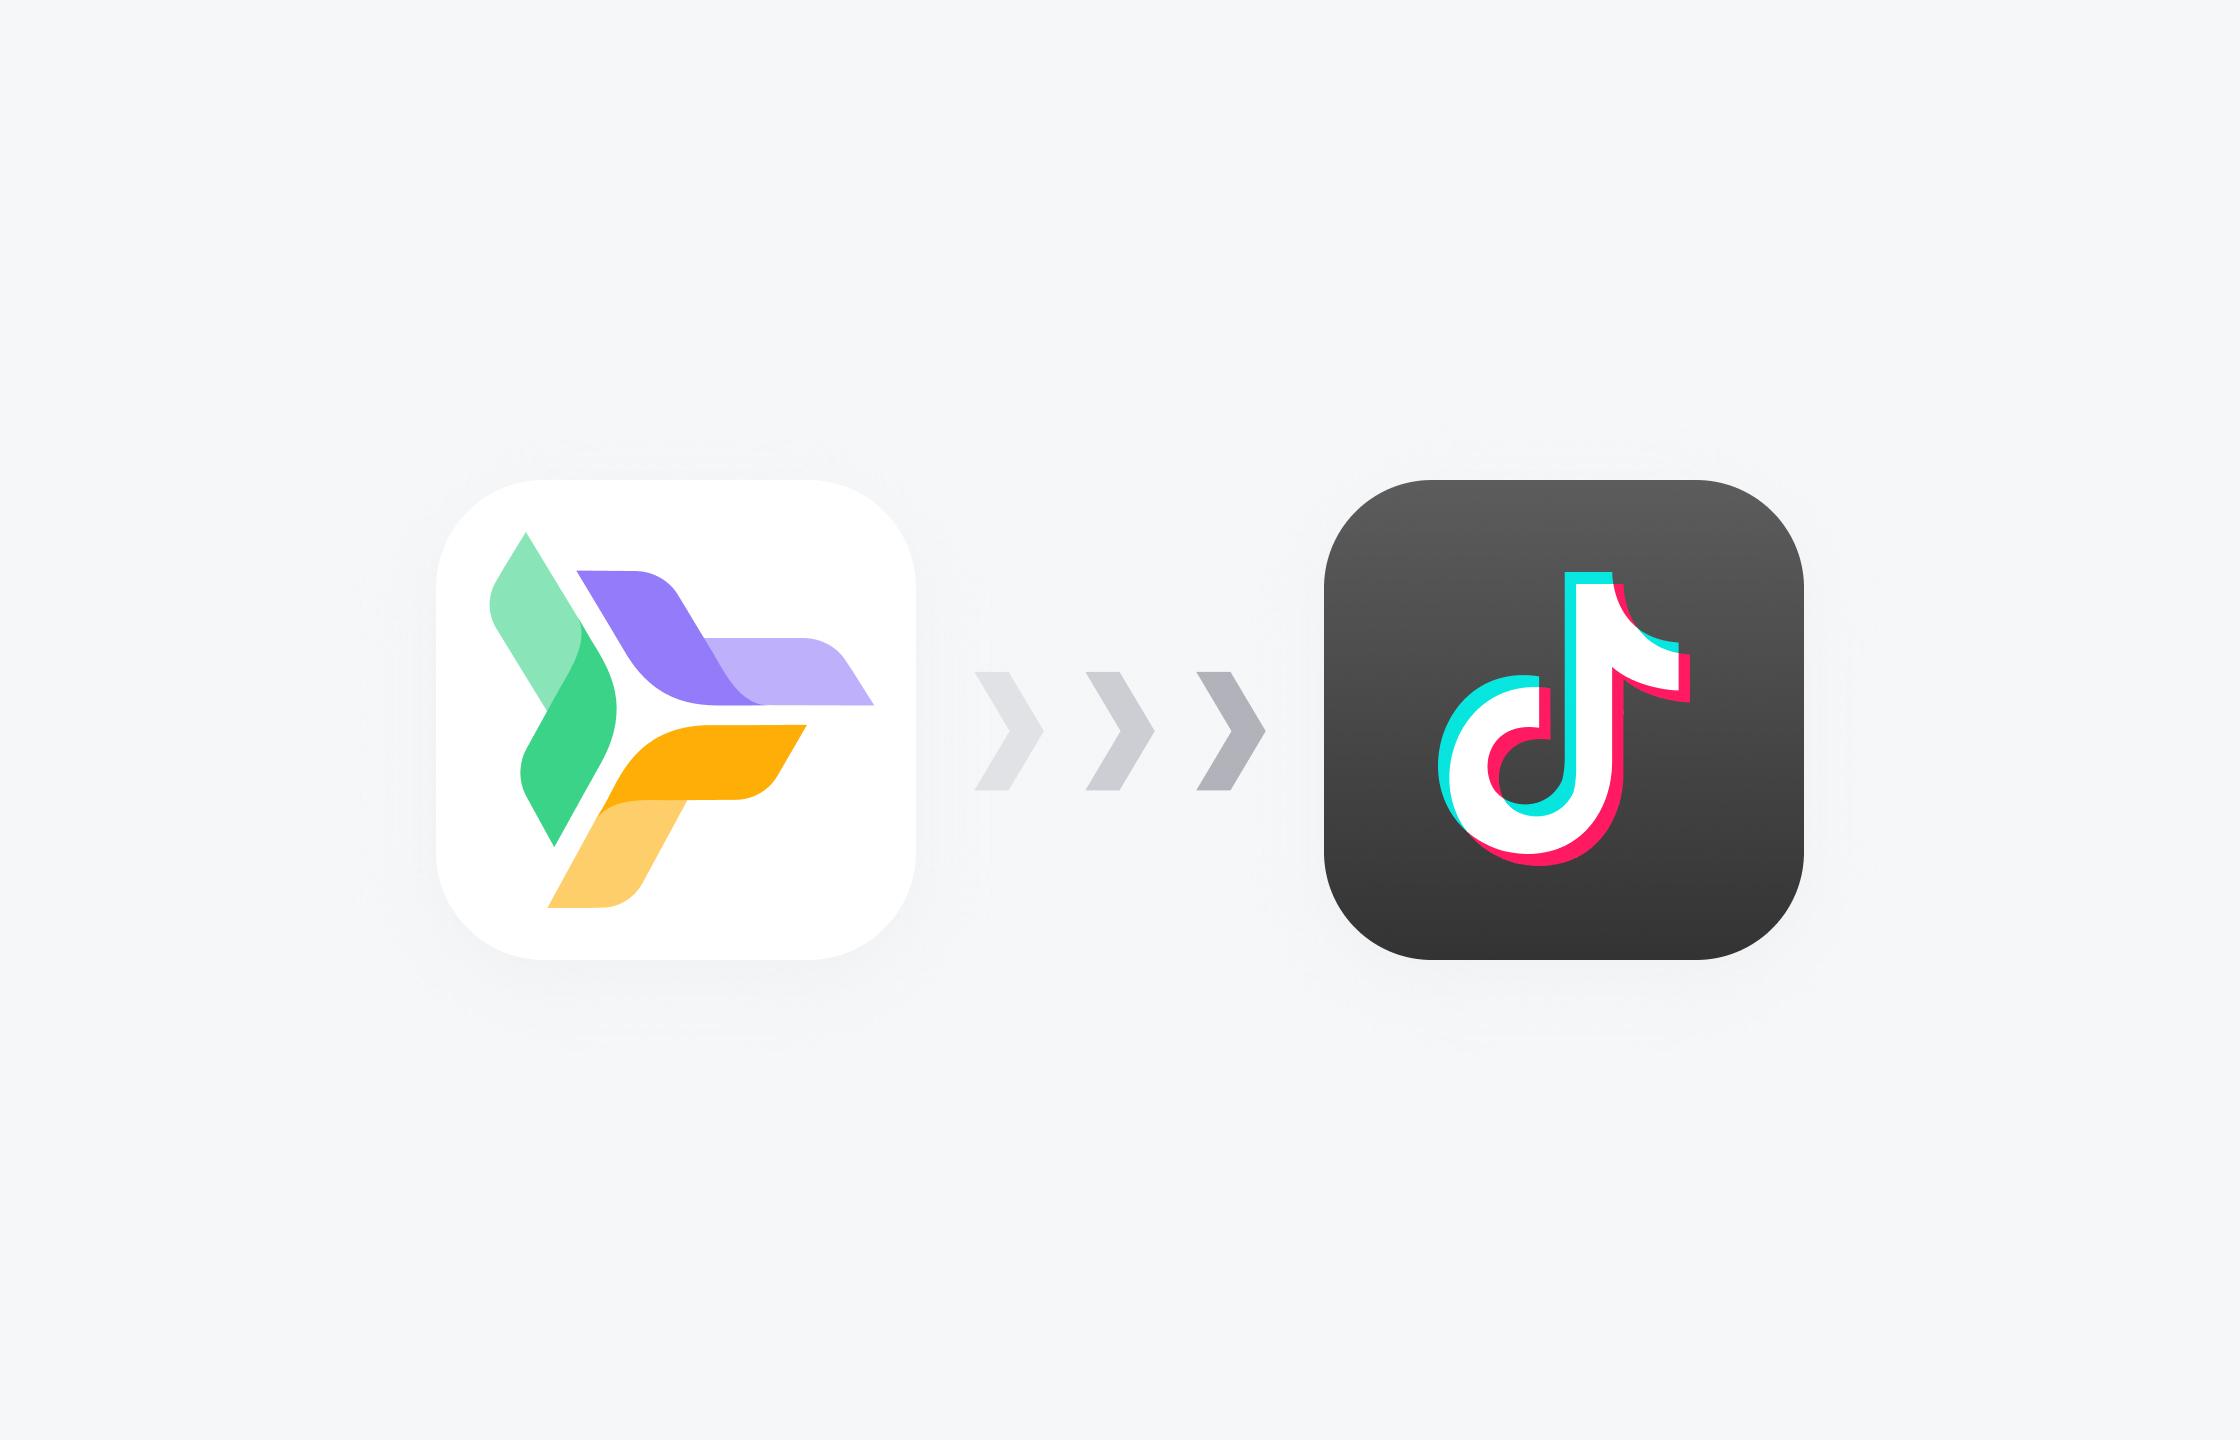 Planable lansează funcționalități pentru TikTok pentru a permite echipelor de marketing să își planifice filmulețele pentru TikTok și să colaboreze pentru crearea lor